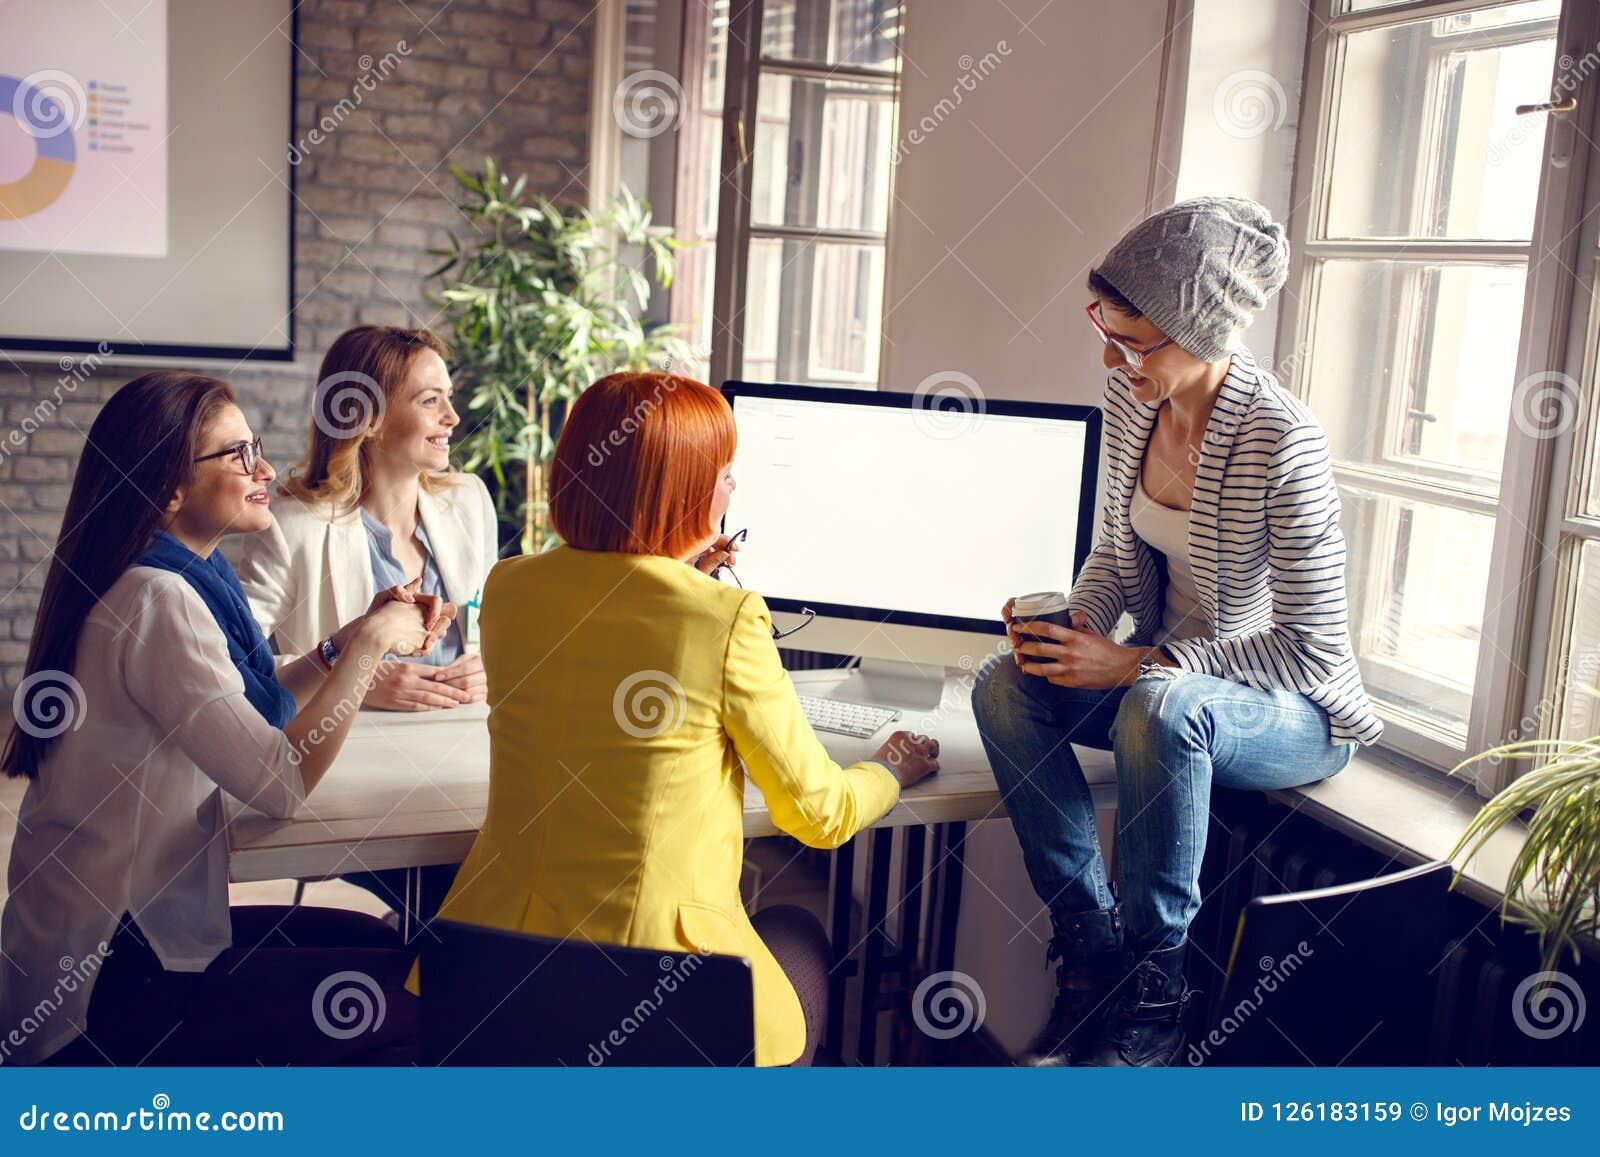 Женщины на работе в офисе